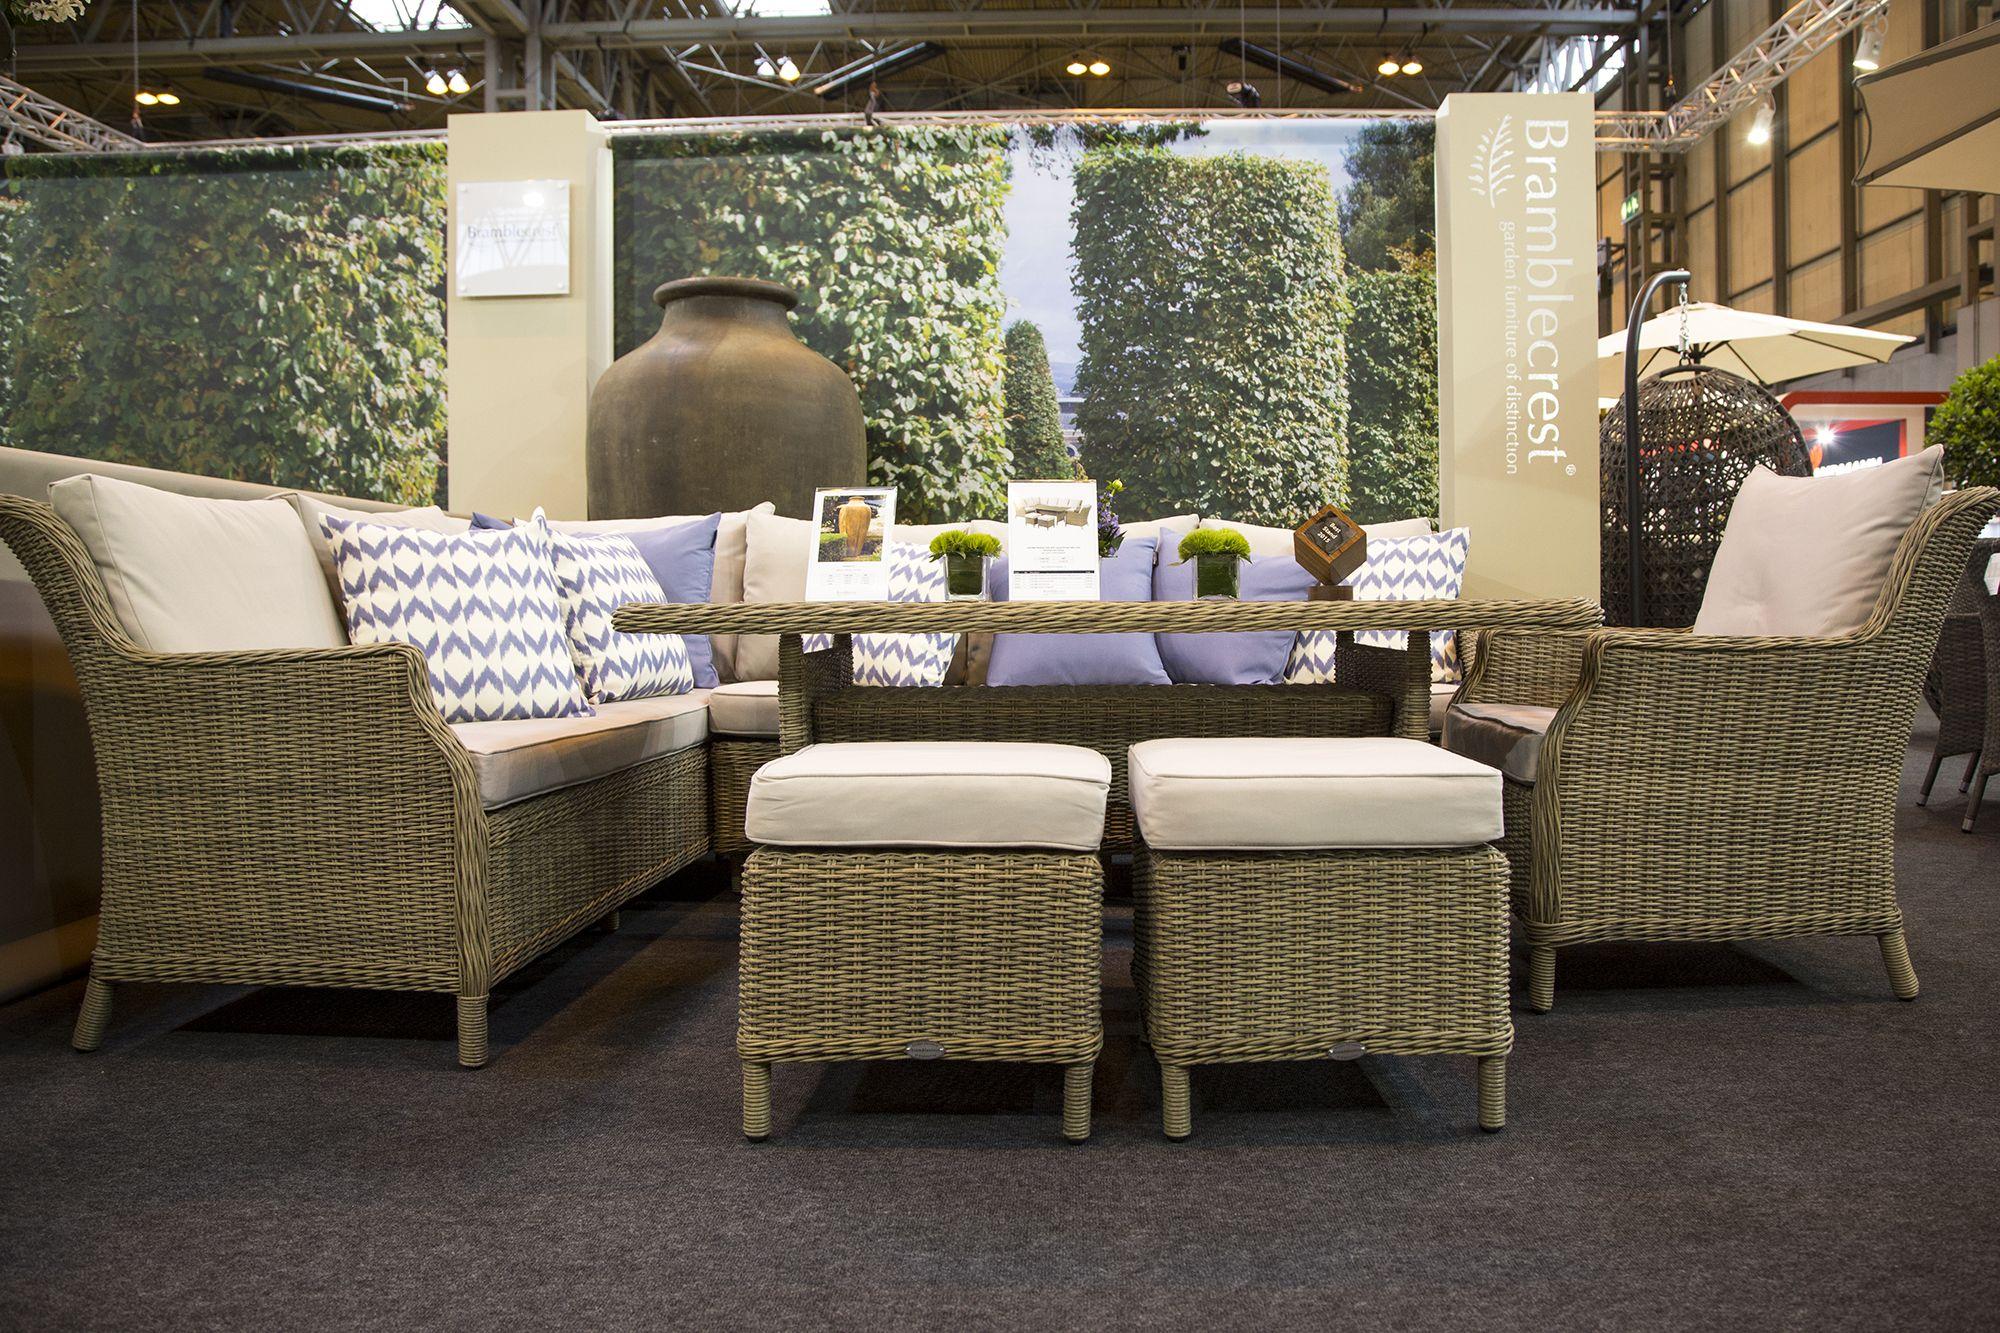 bramblecrest at 'solex summer outdoor living exhibition' the premier